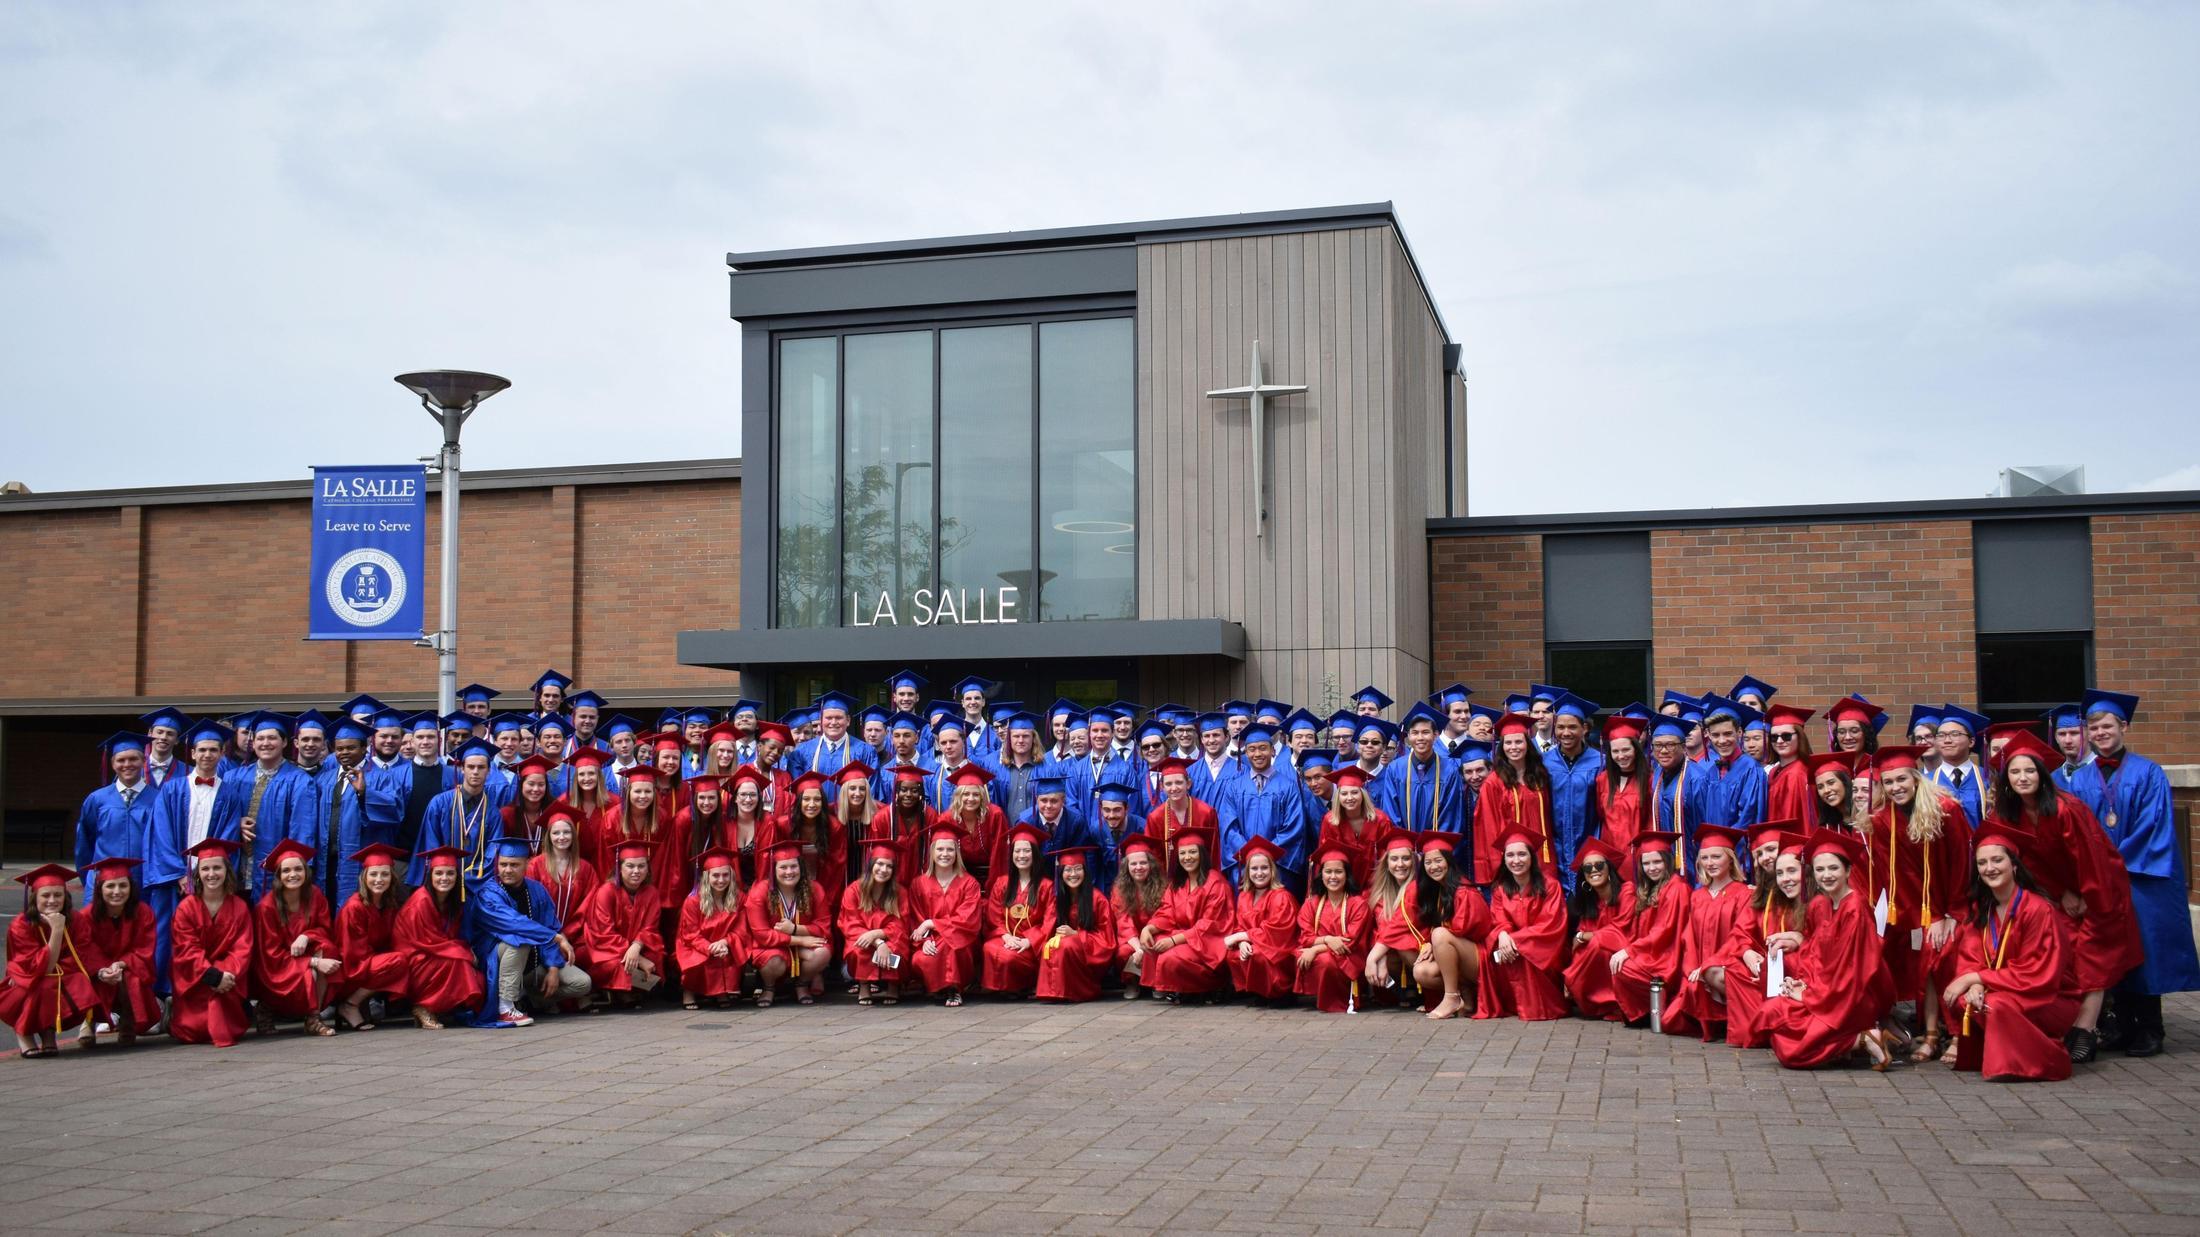 Photos De La Salle college acceptances - educational support departments - la